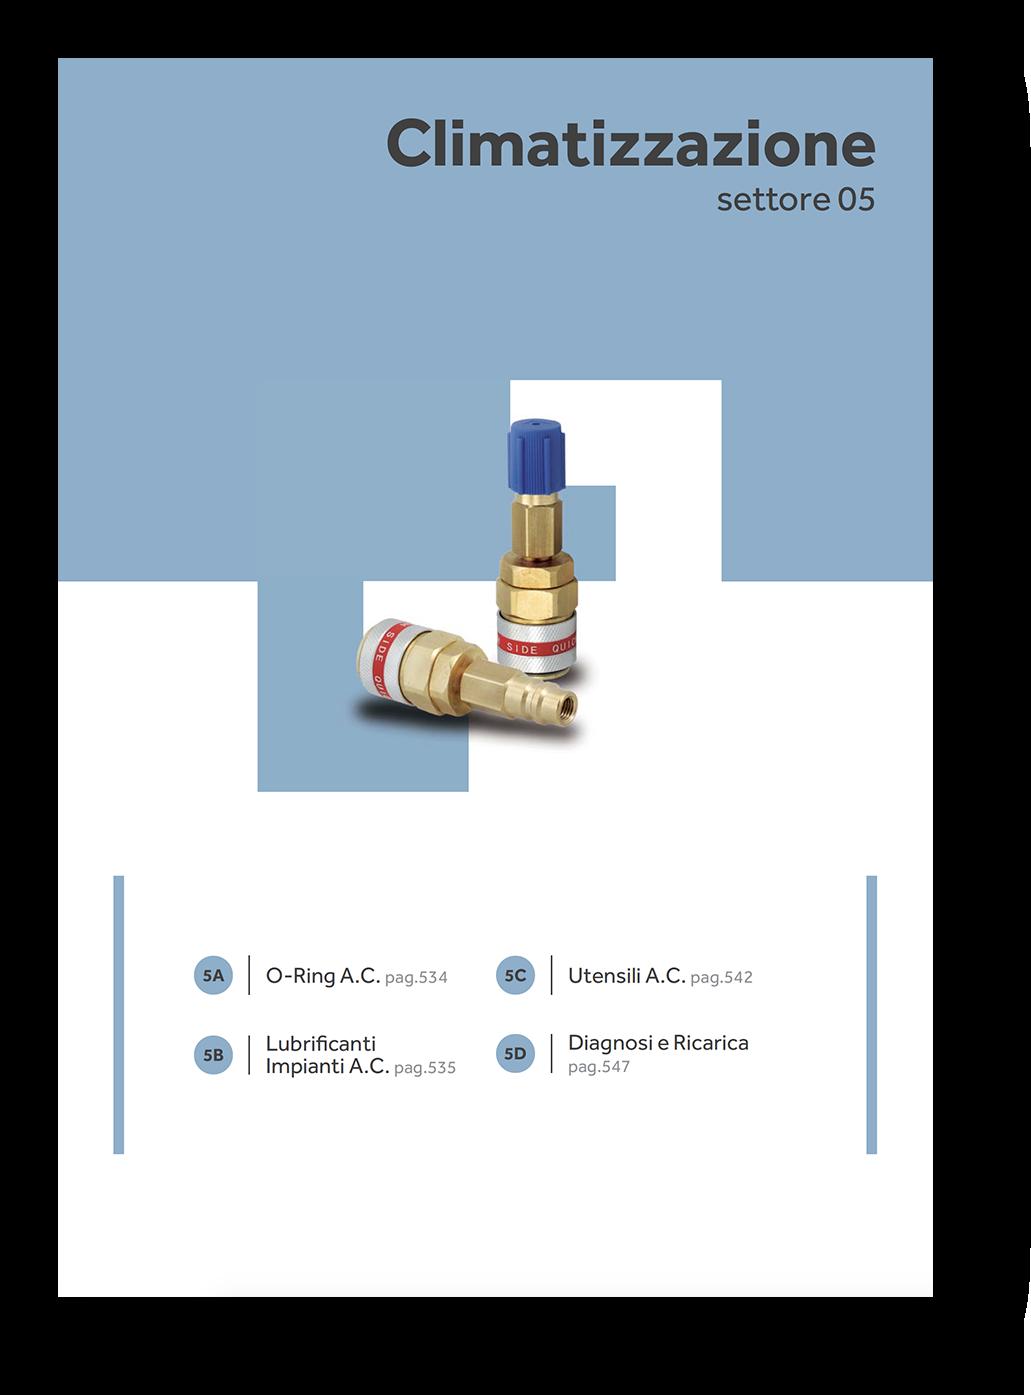 aria condizionata trattamento diagnosi impianti catalogo